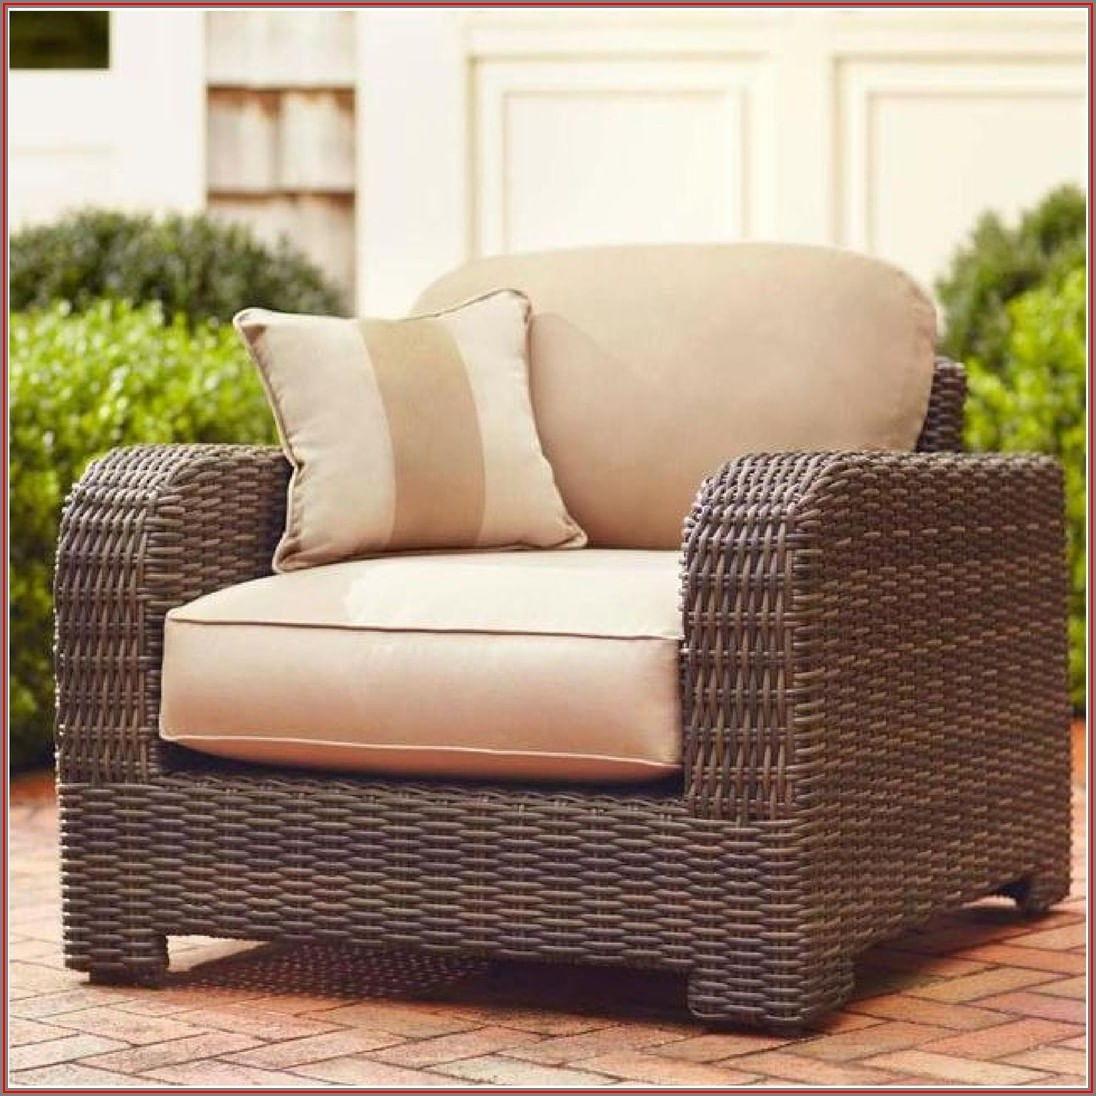 Brown Jordan Northshore Patio Furniture